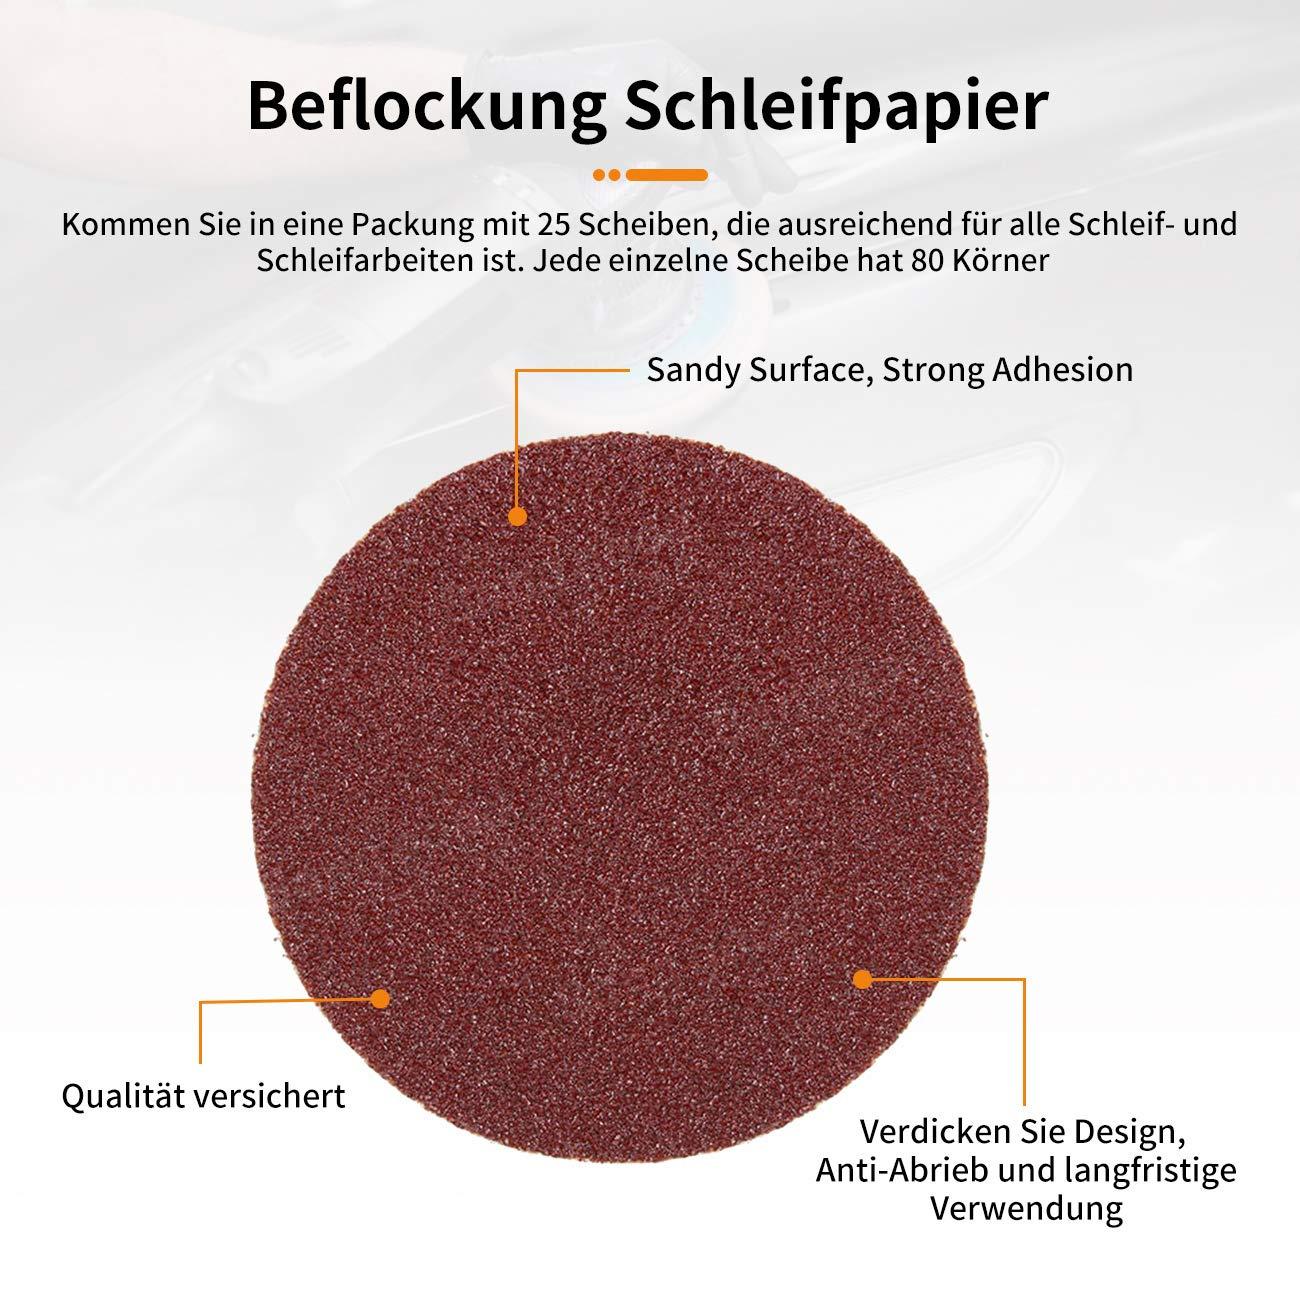 Dyna-Living 25 stücke Schleifscheiben Klett Schleifpapier 3 ... on